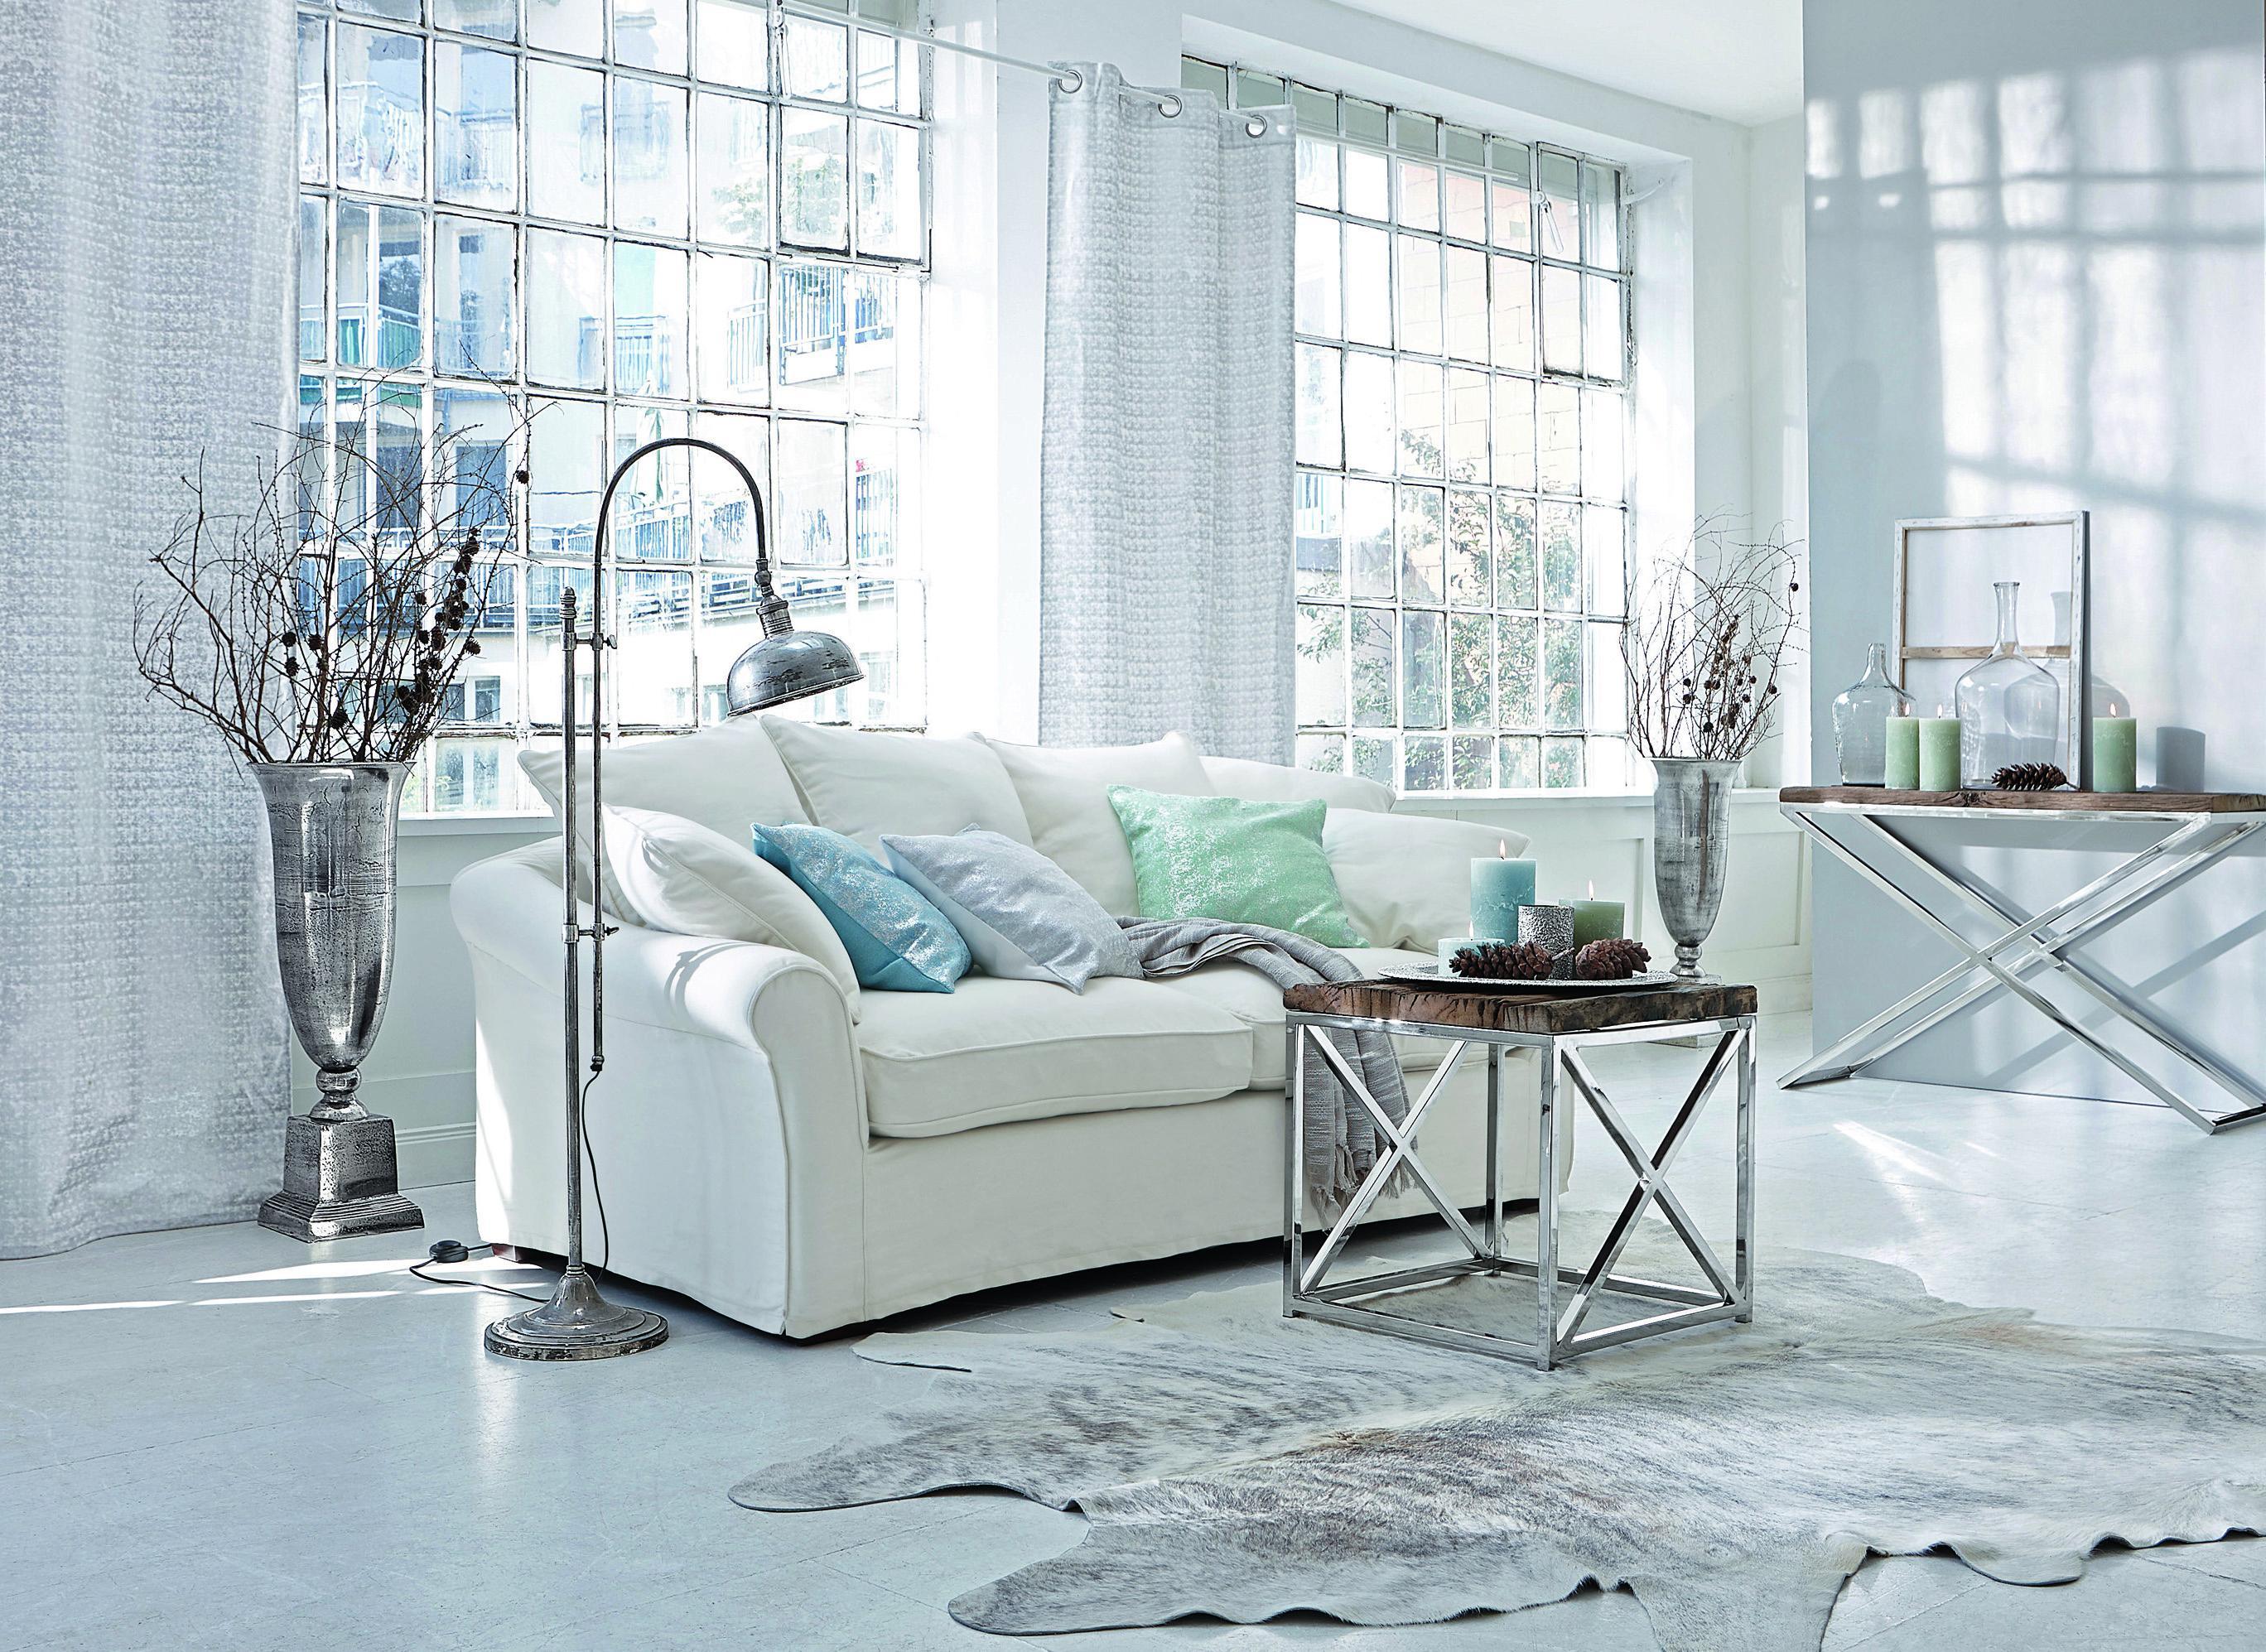 wohnzimmer sofa malerei on wohnzimmer designs auch couch 7. ovp ... - Wohnzimmer Couch Modern